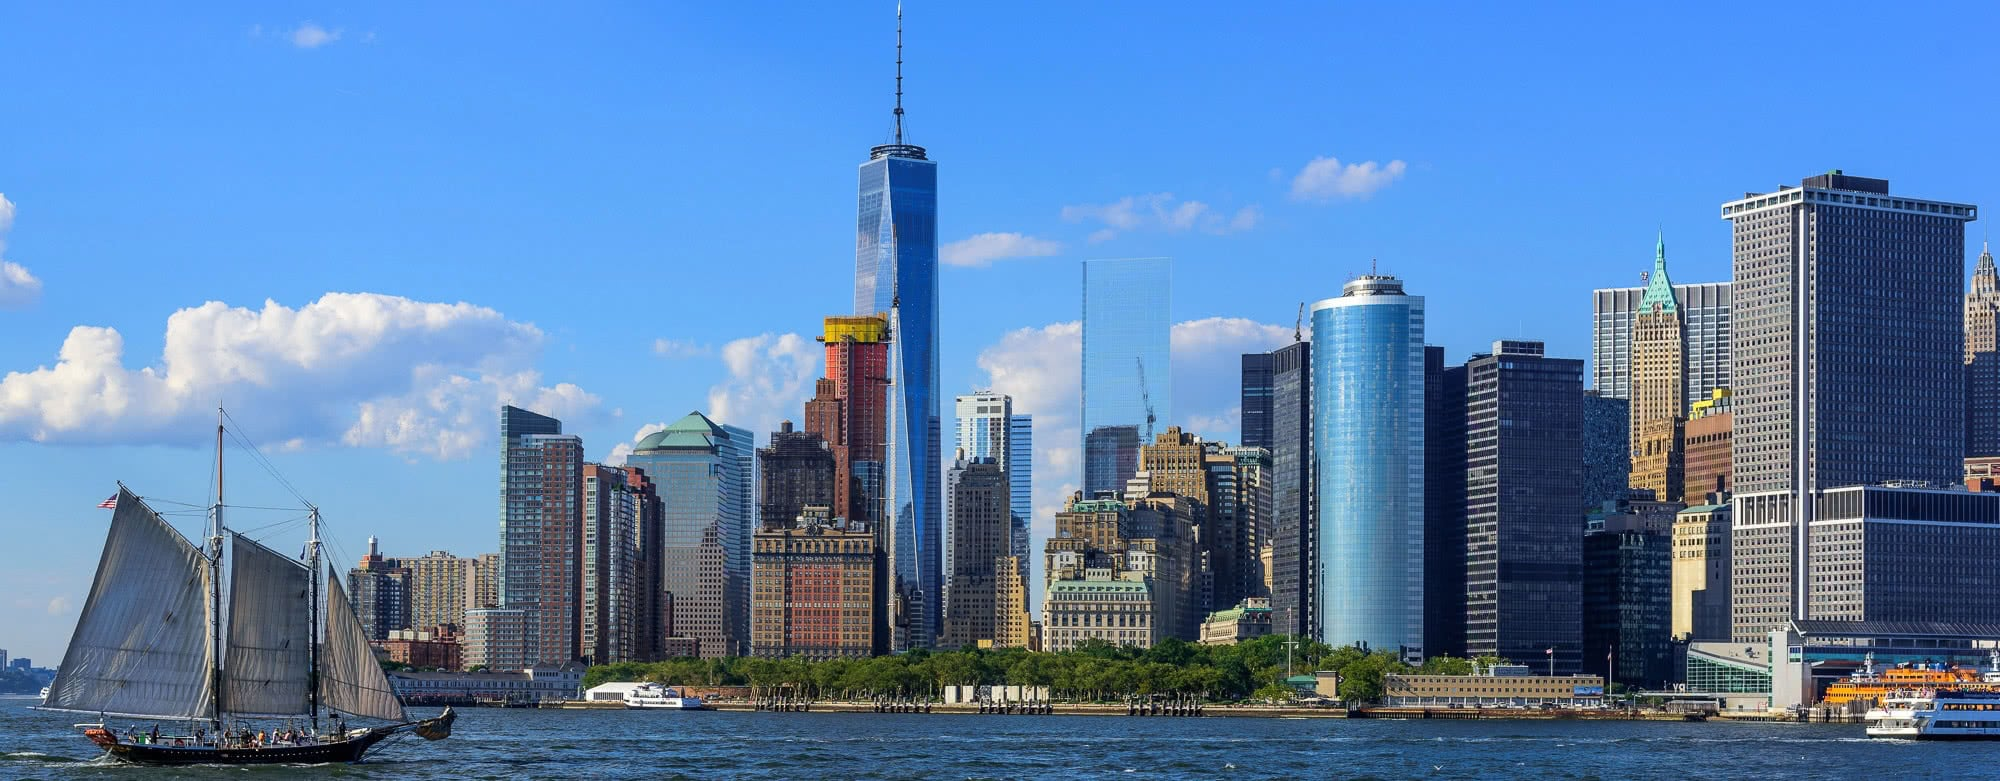 NYC-skyline2015